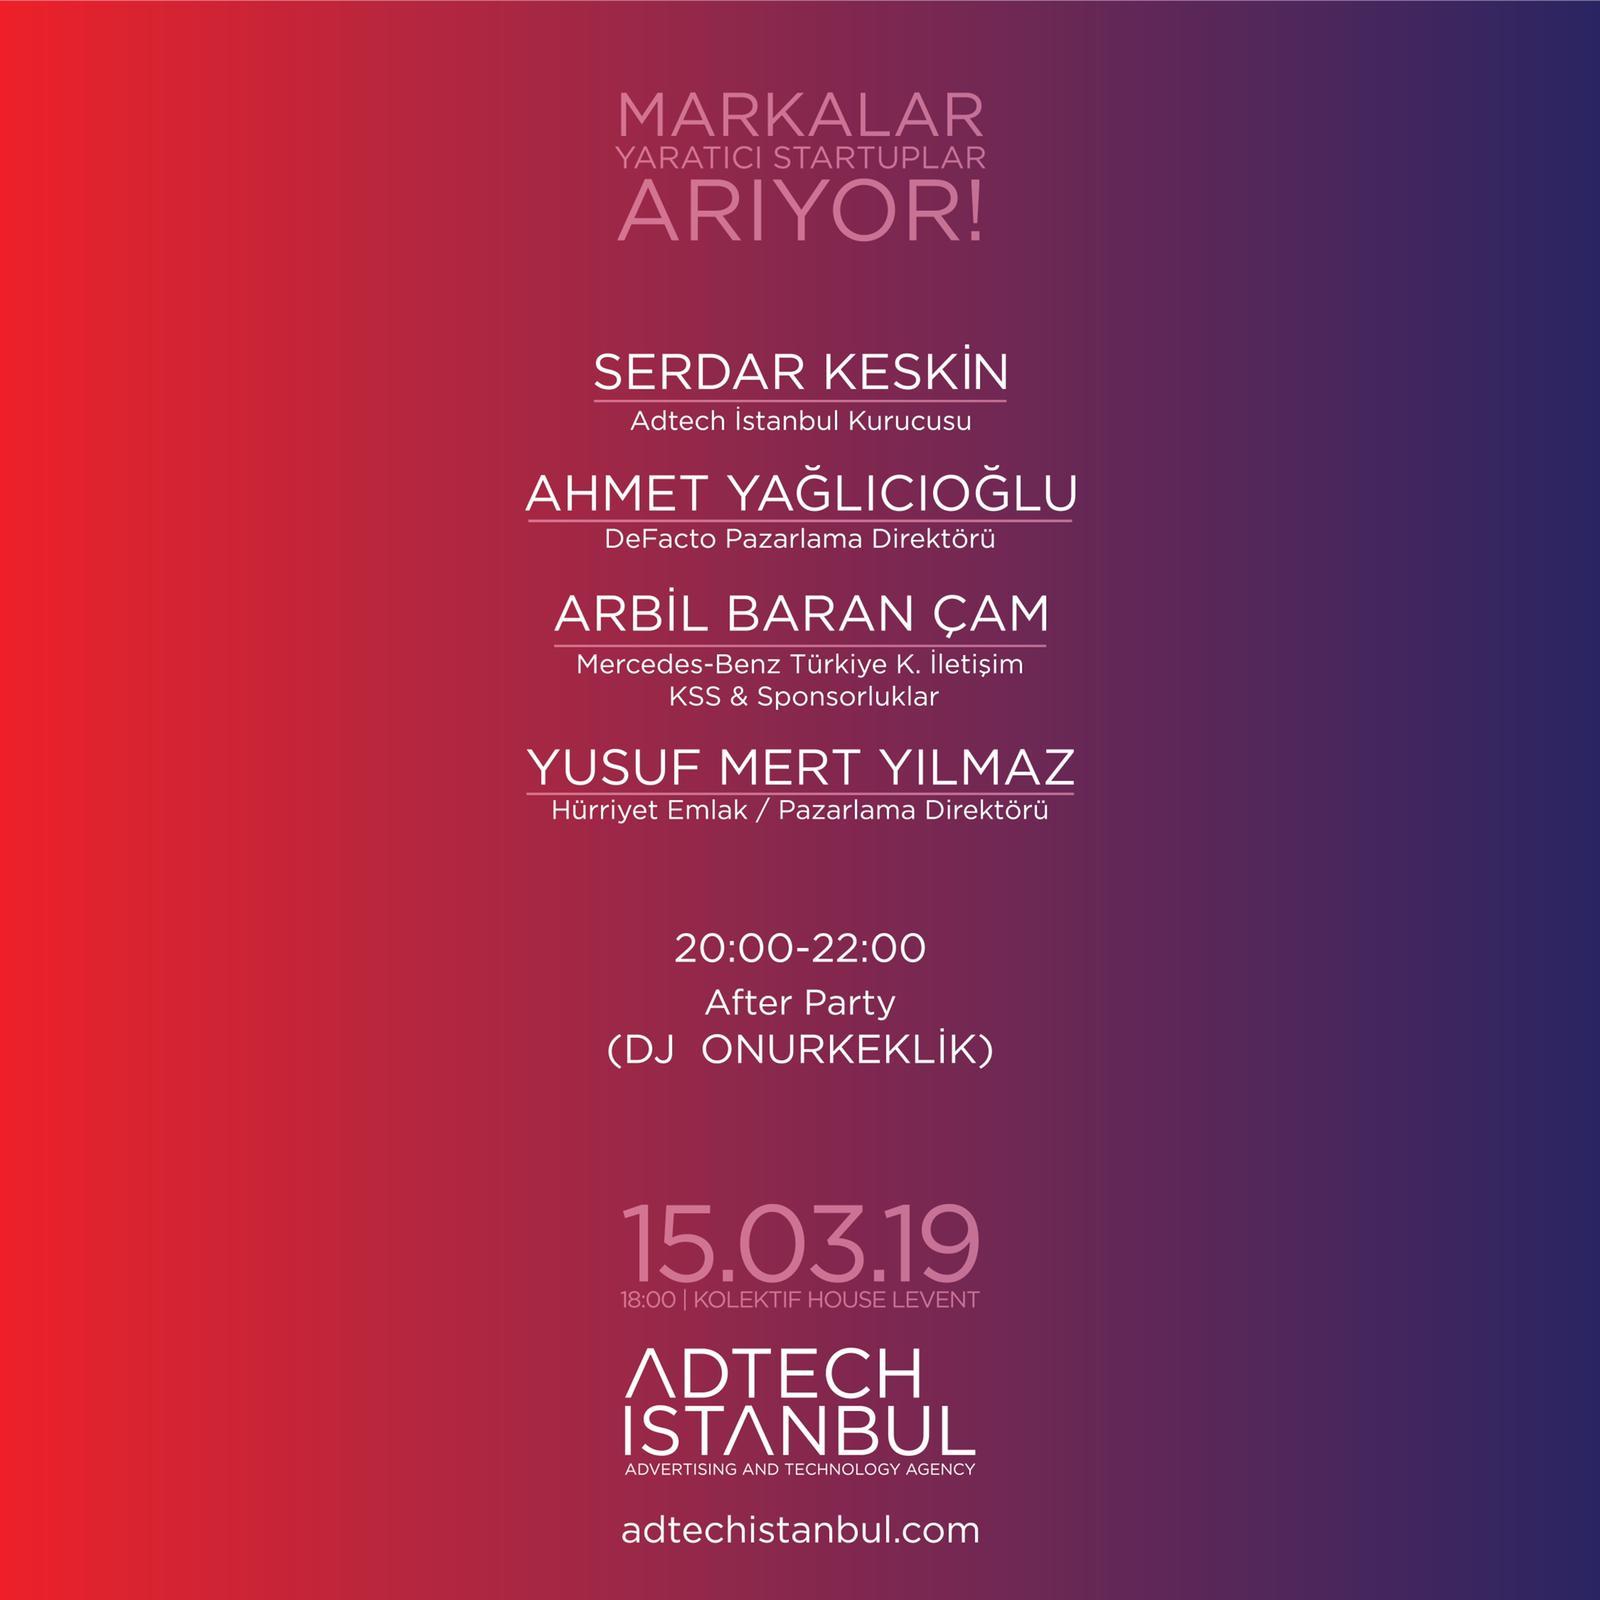 Markalar Adtech İstanbul ile Yaratıcı Startuplar Arıyor